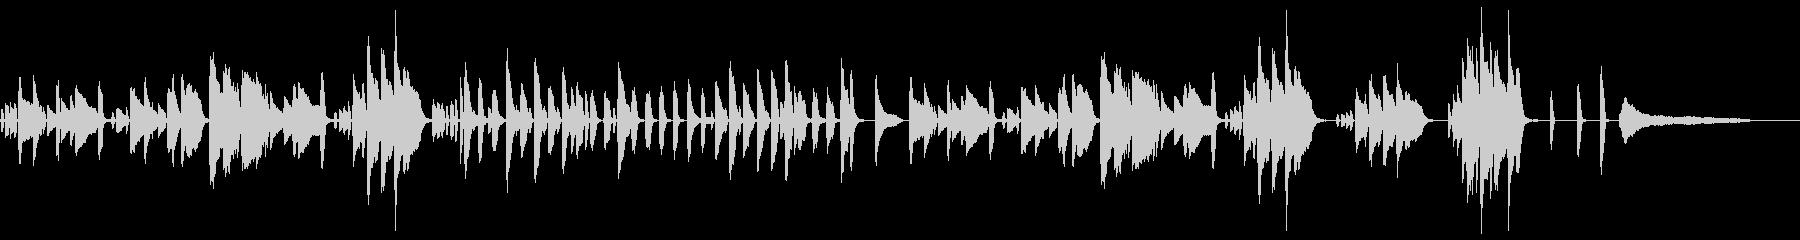 日常的な雰囲気の陽気なジャズ・ピアノの未再生の波形